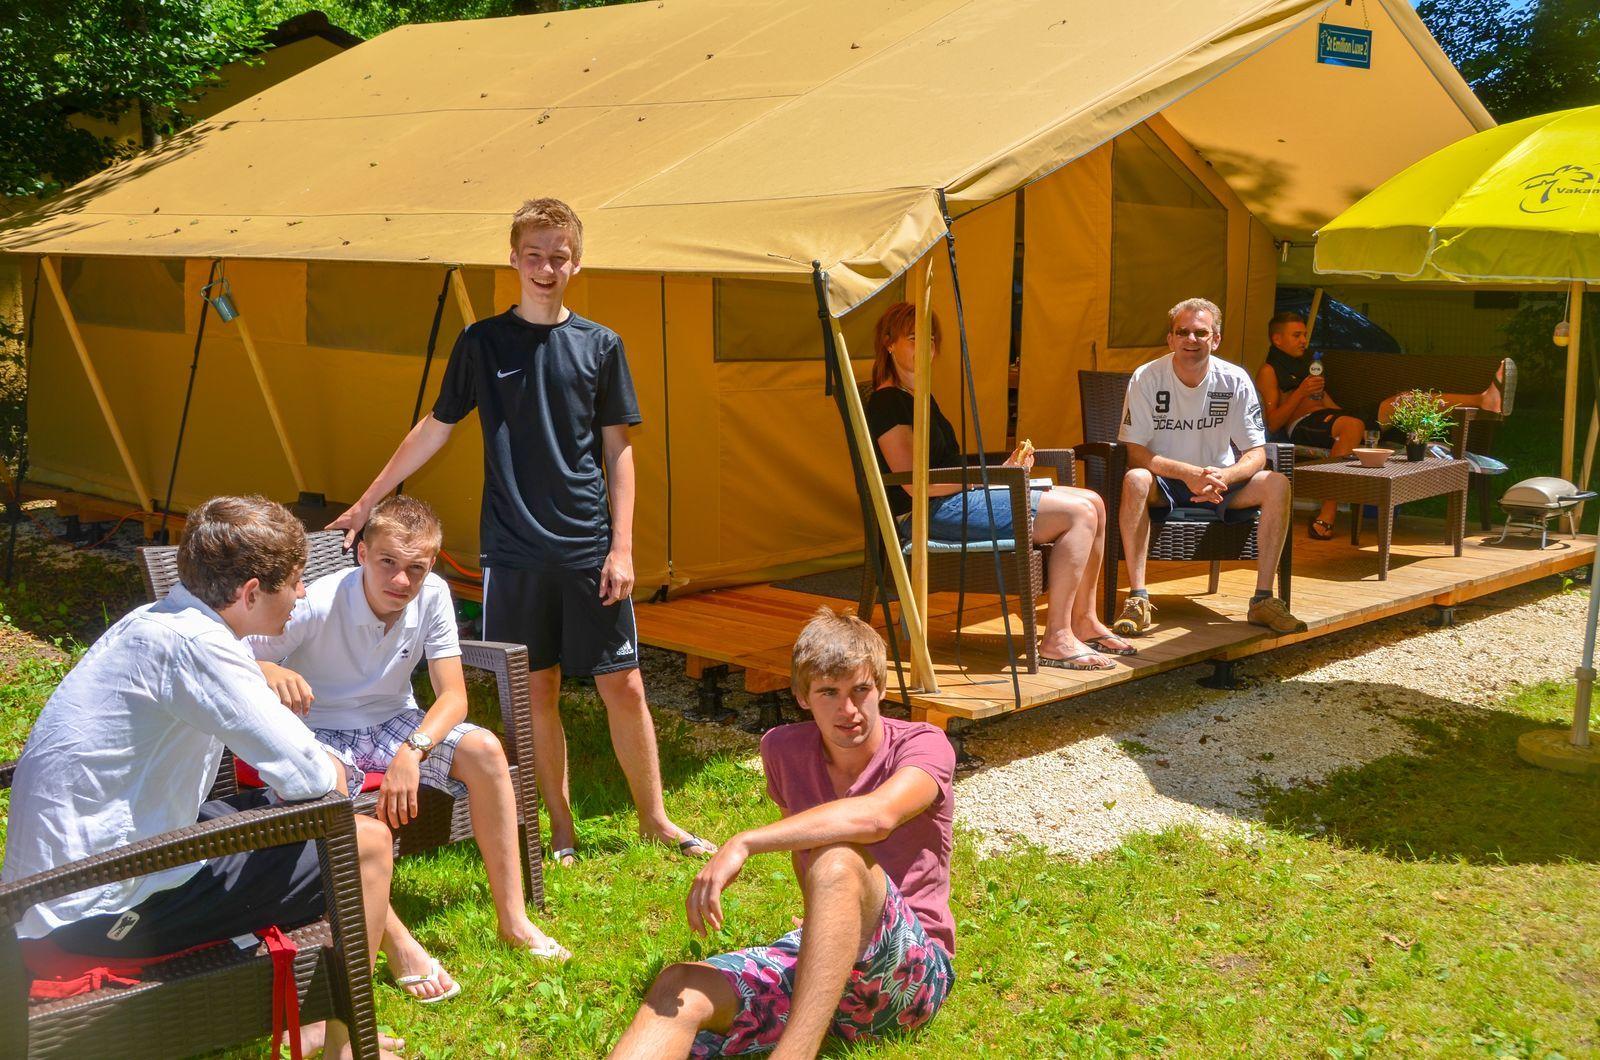 Lodge tent St Emilion DeLuxe